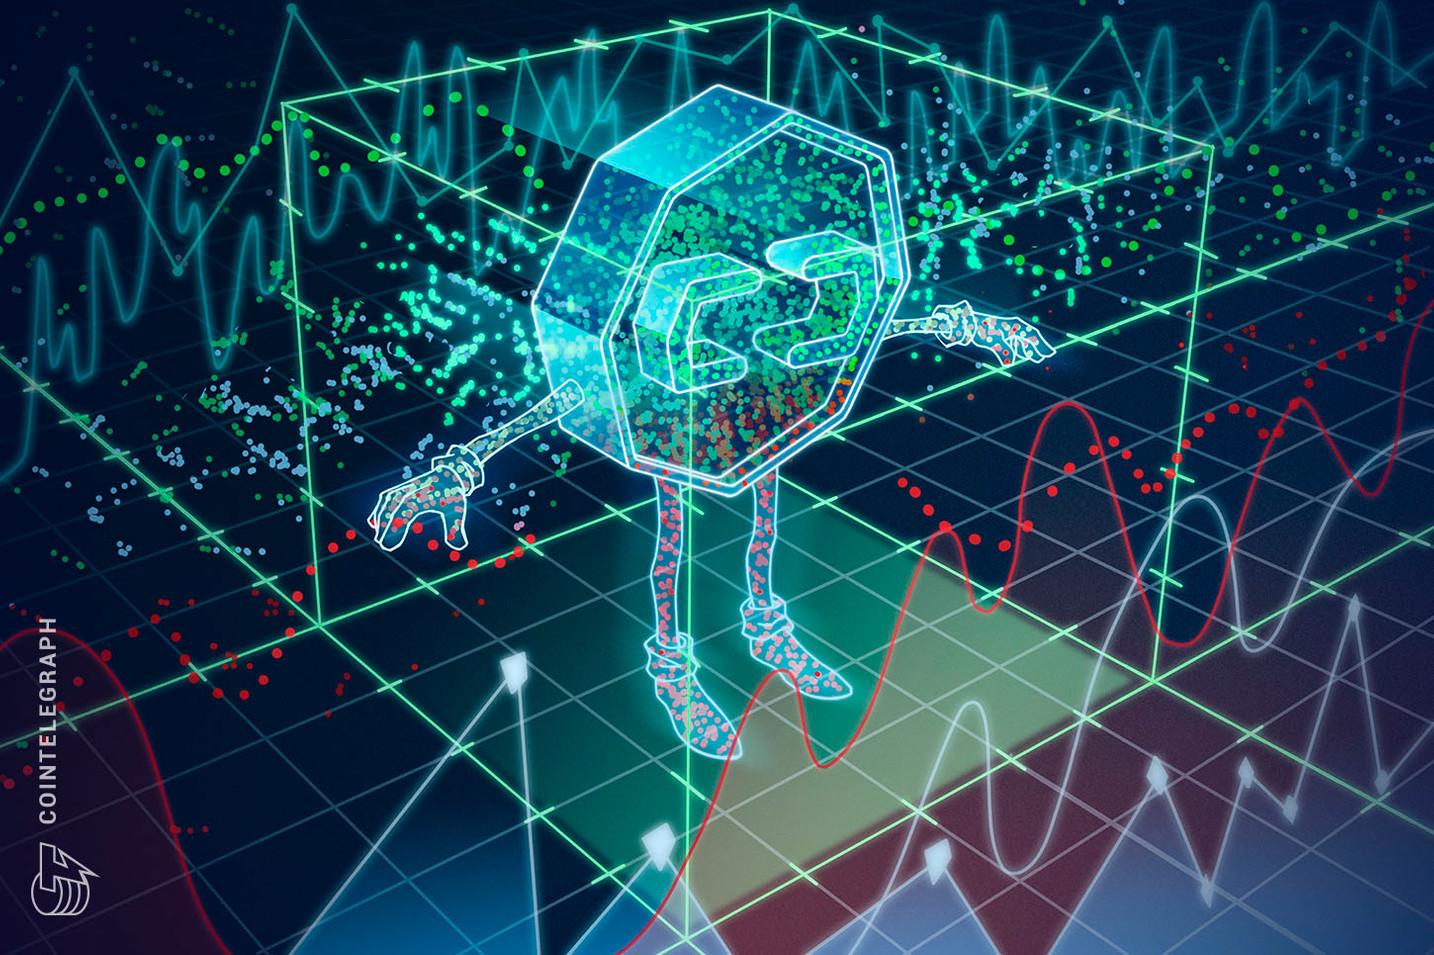 Relatório da Alameda Research afirma que 66,5% do volume total de negociação de criptomoedas é falso